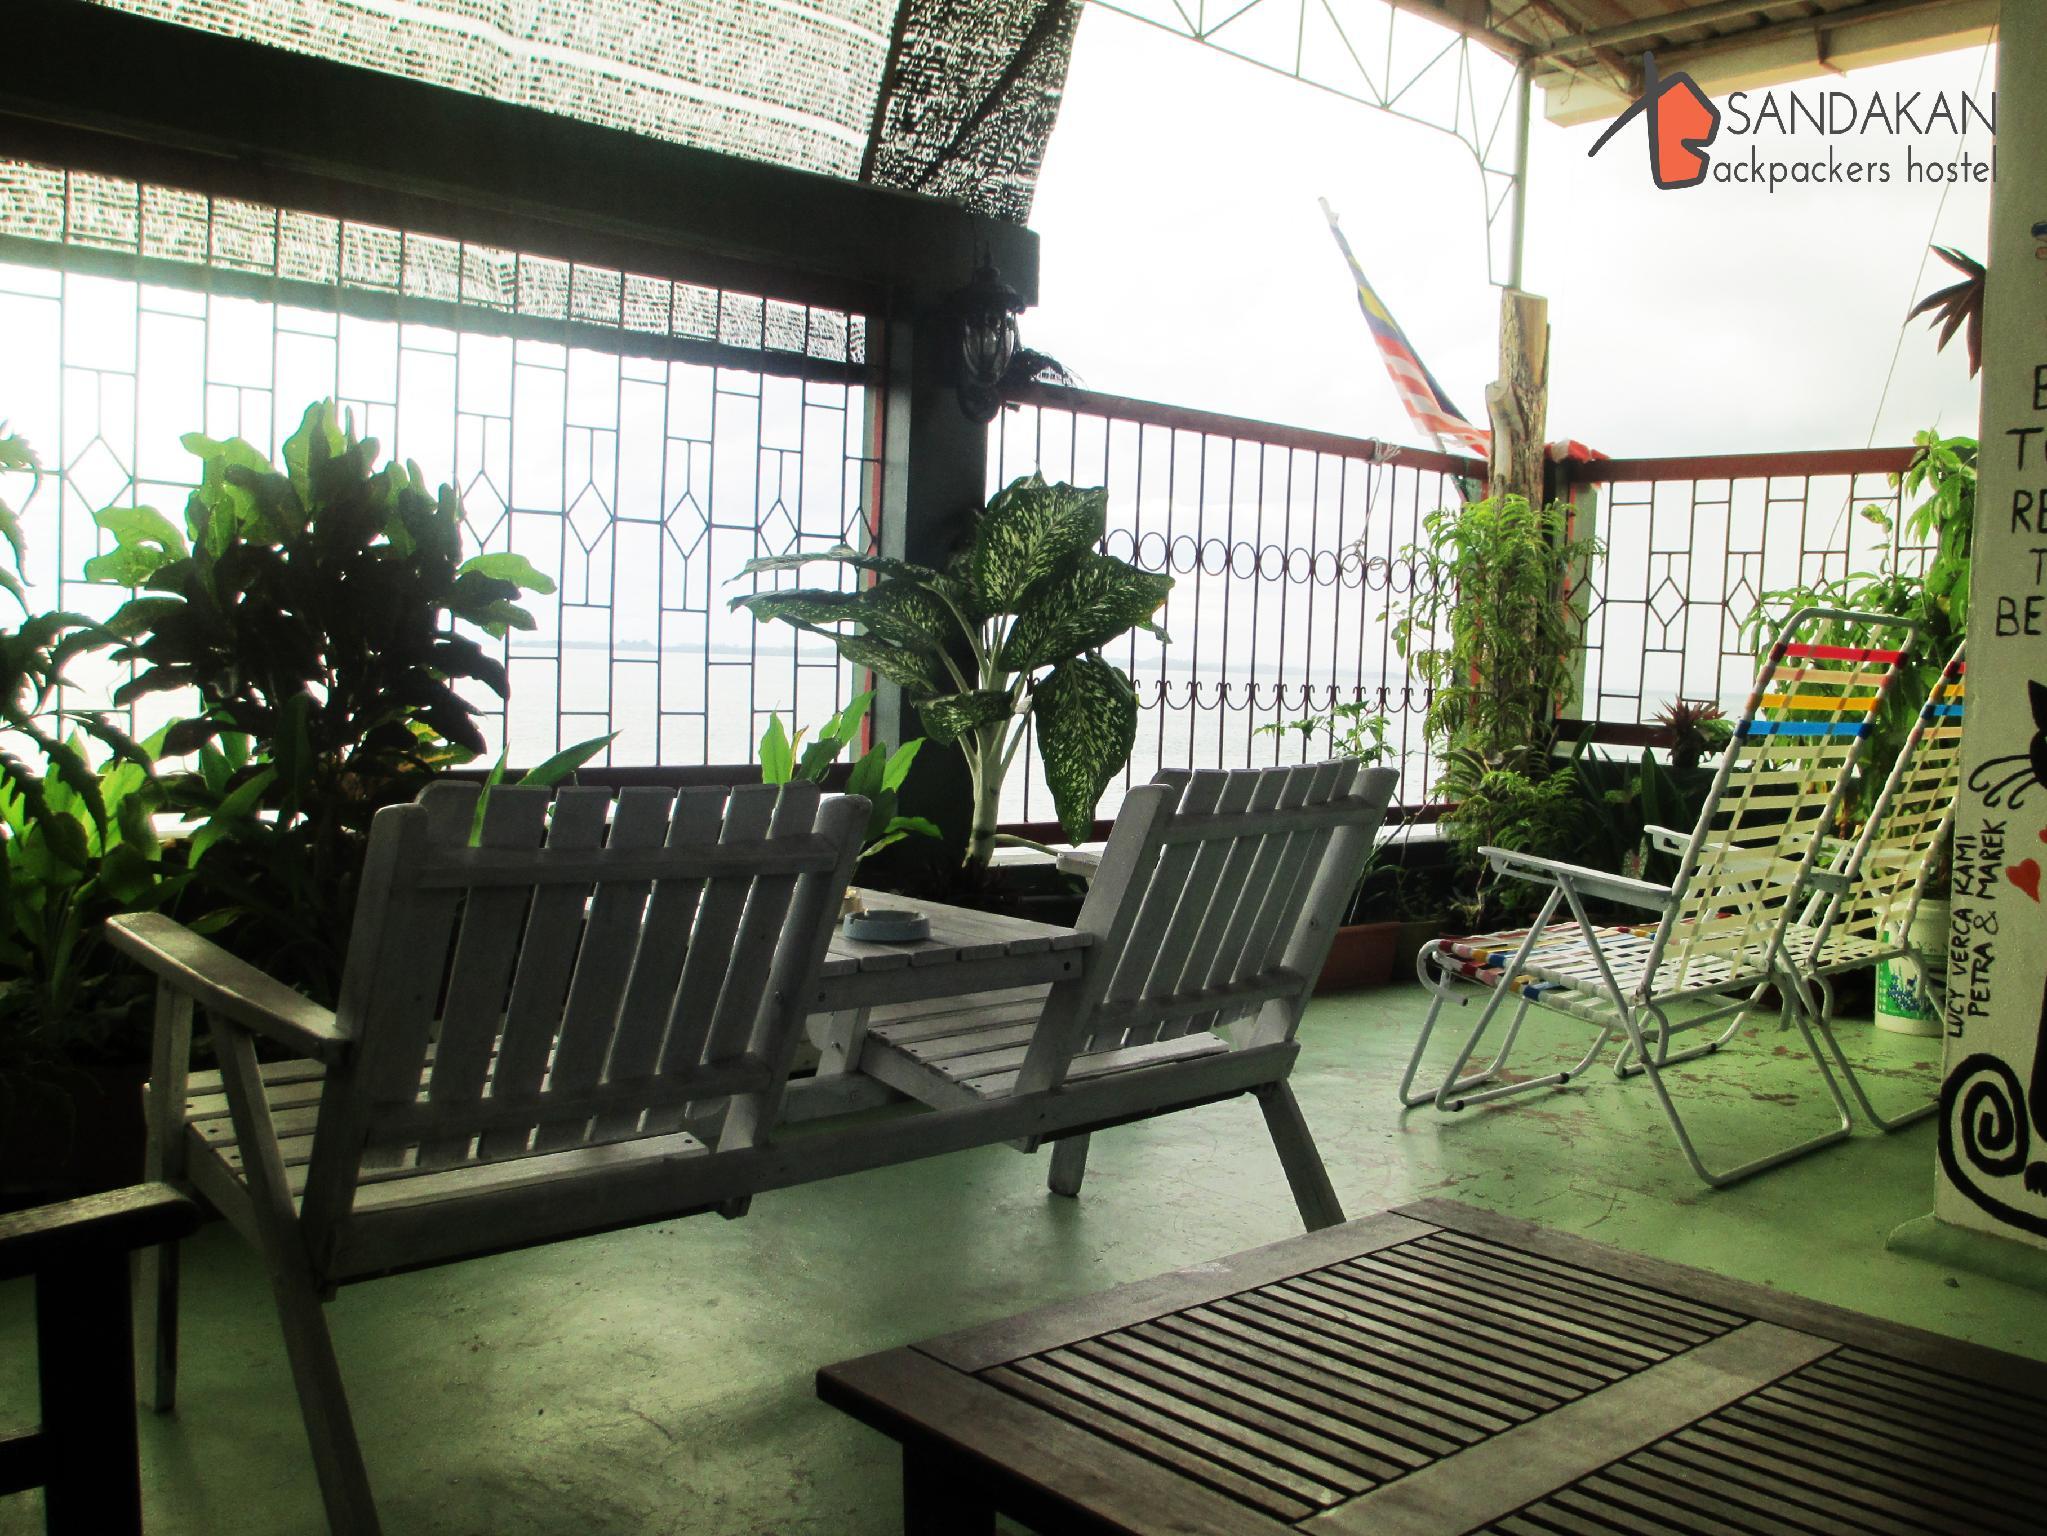 Sandakan Backpackers Hostel Sandakan Malaysia